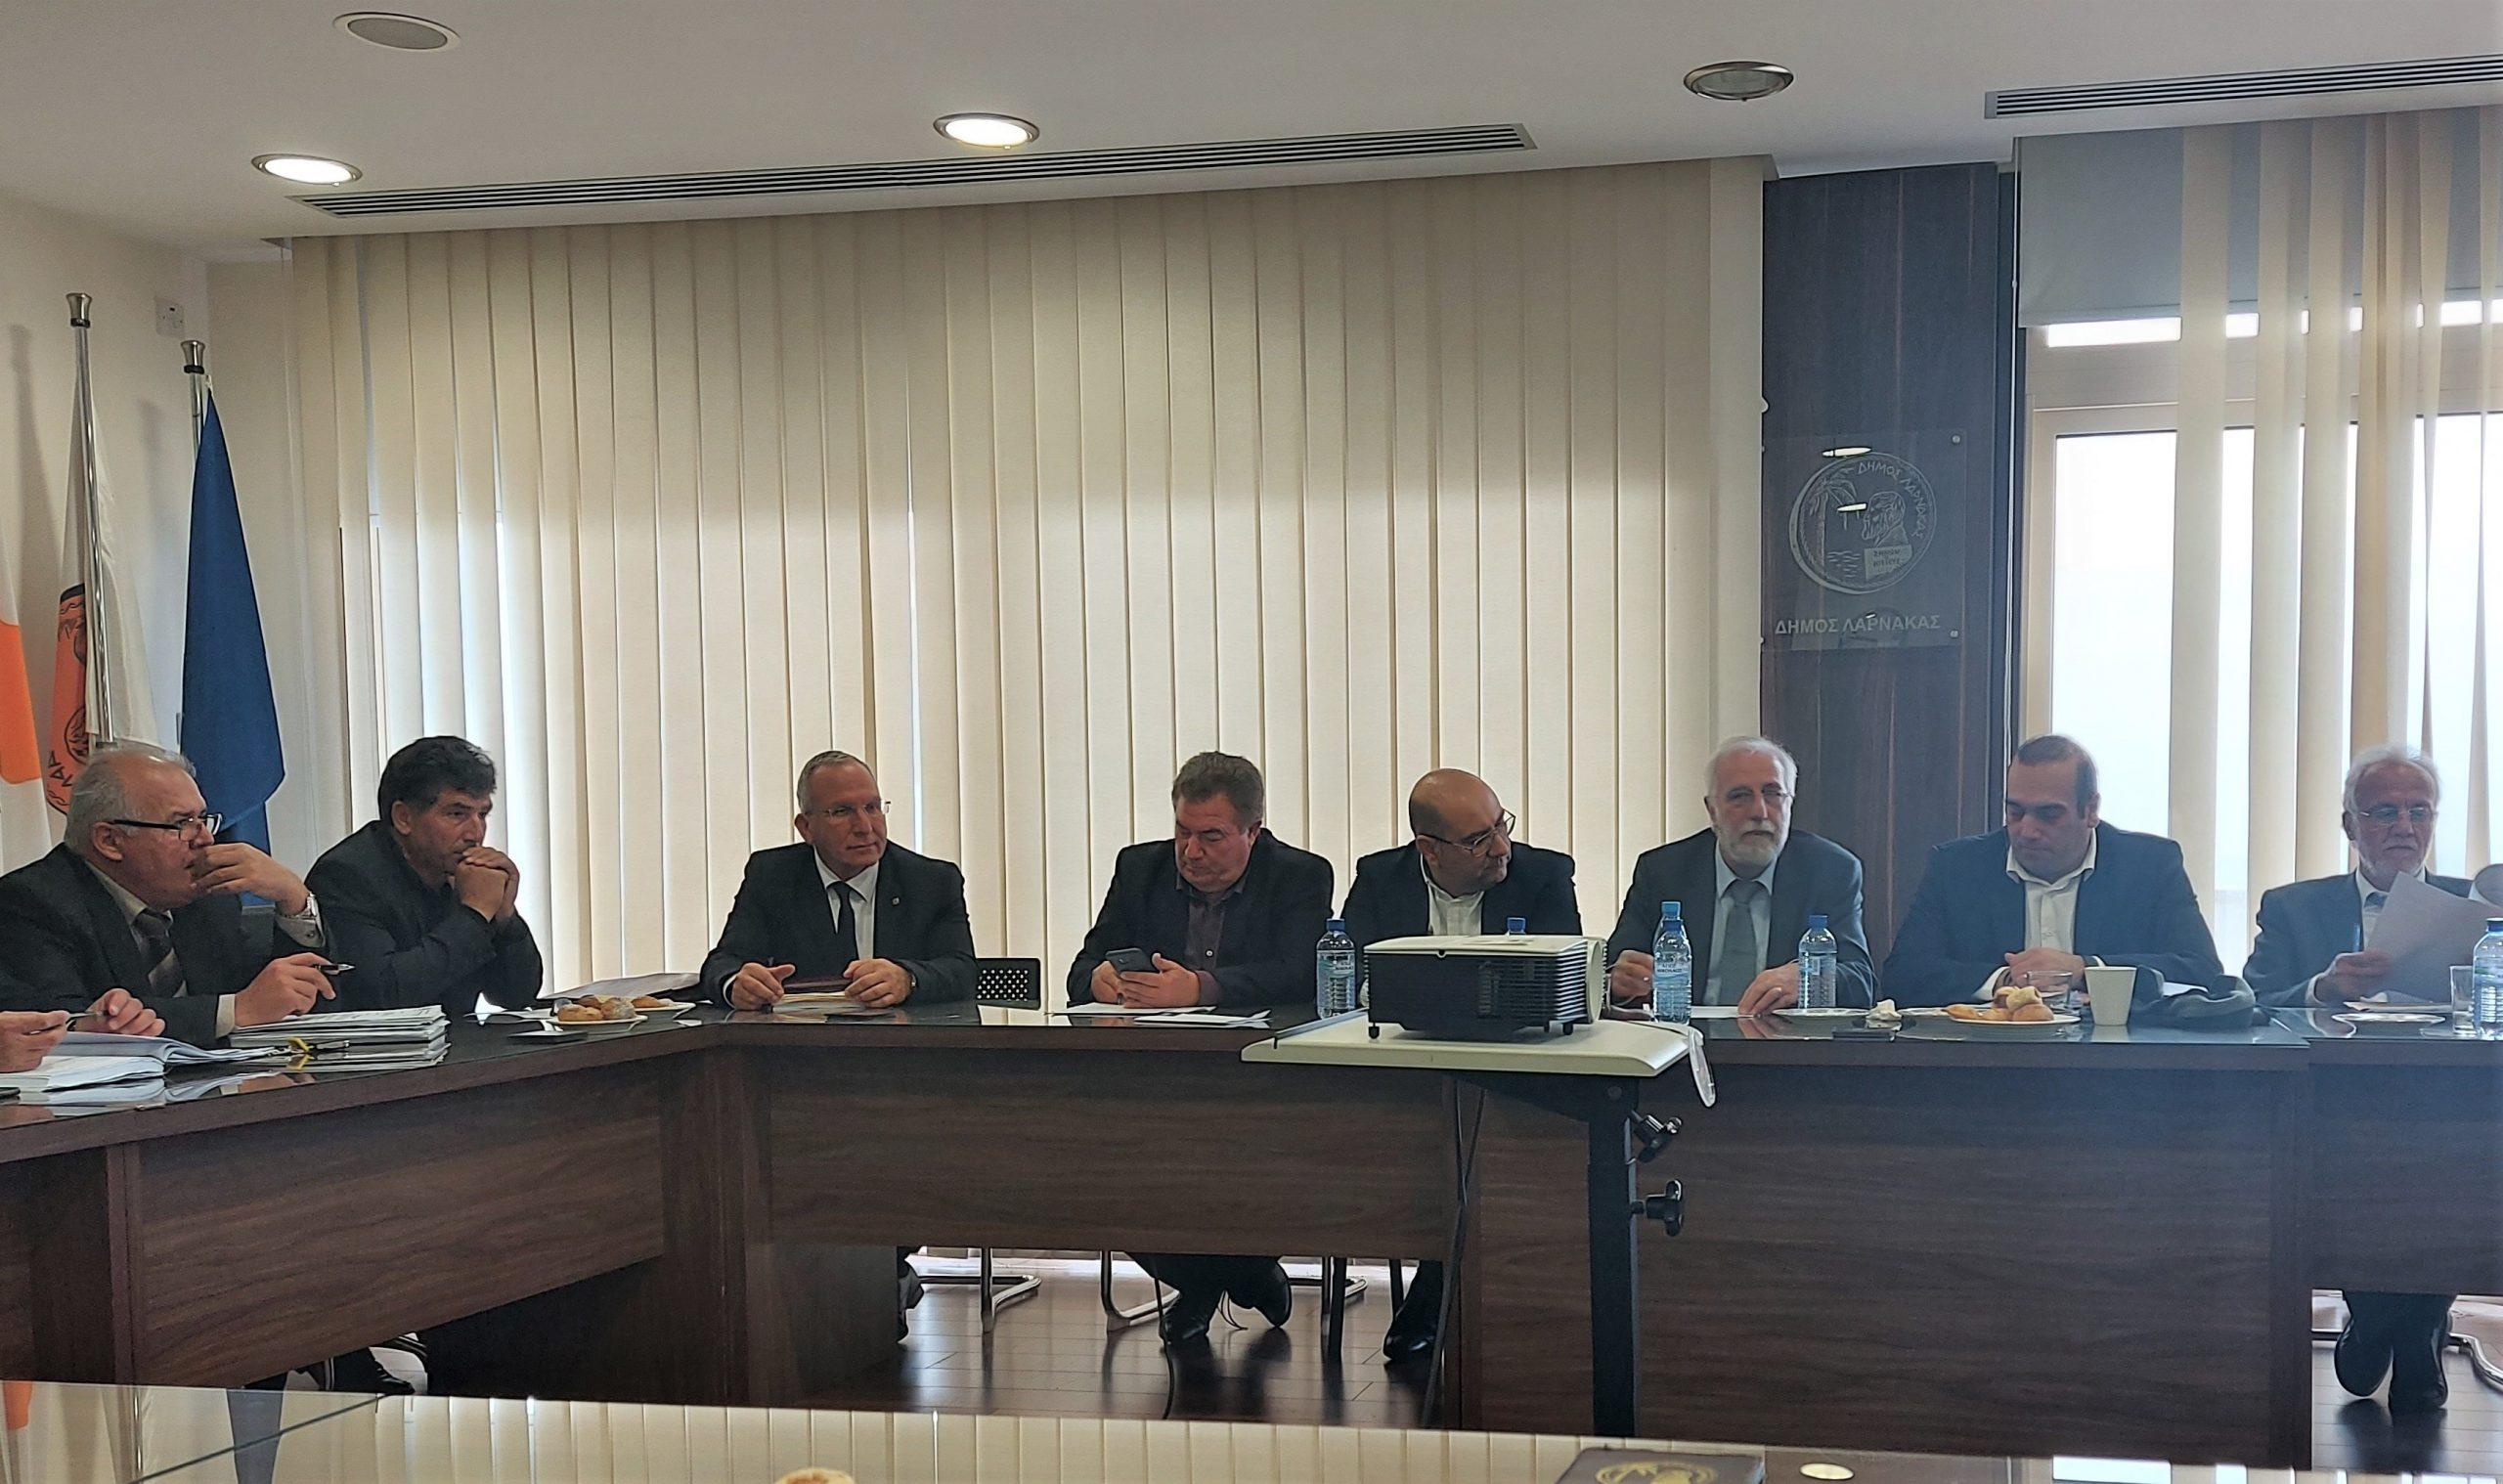 Συνάντηση ΕΤΑΠ Λάρνακας με τον Υπουργό Μεταφορών